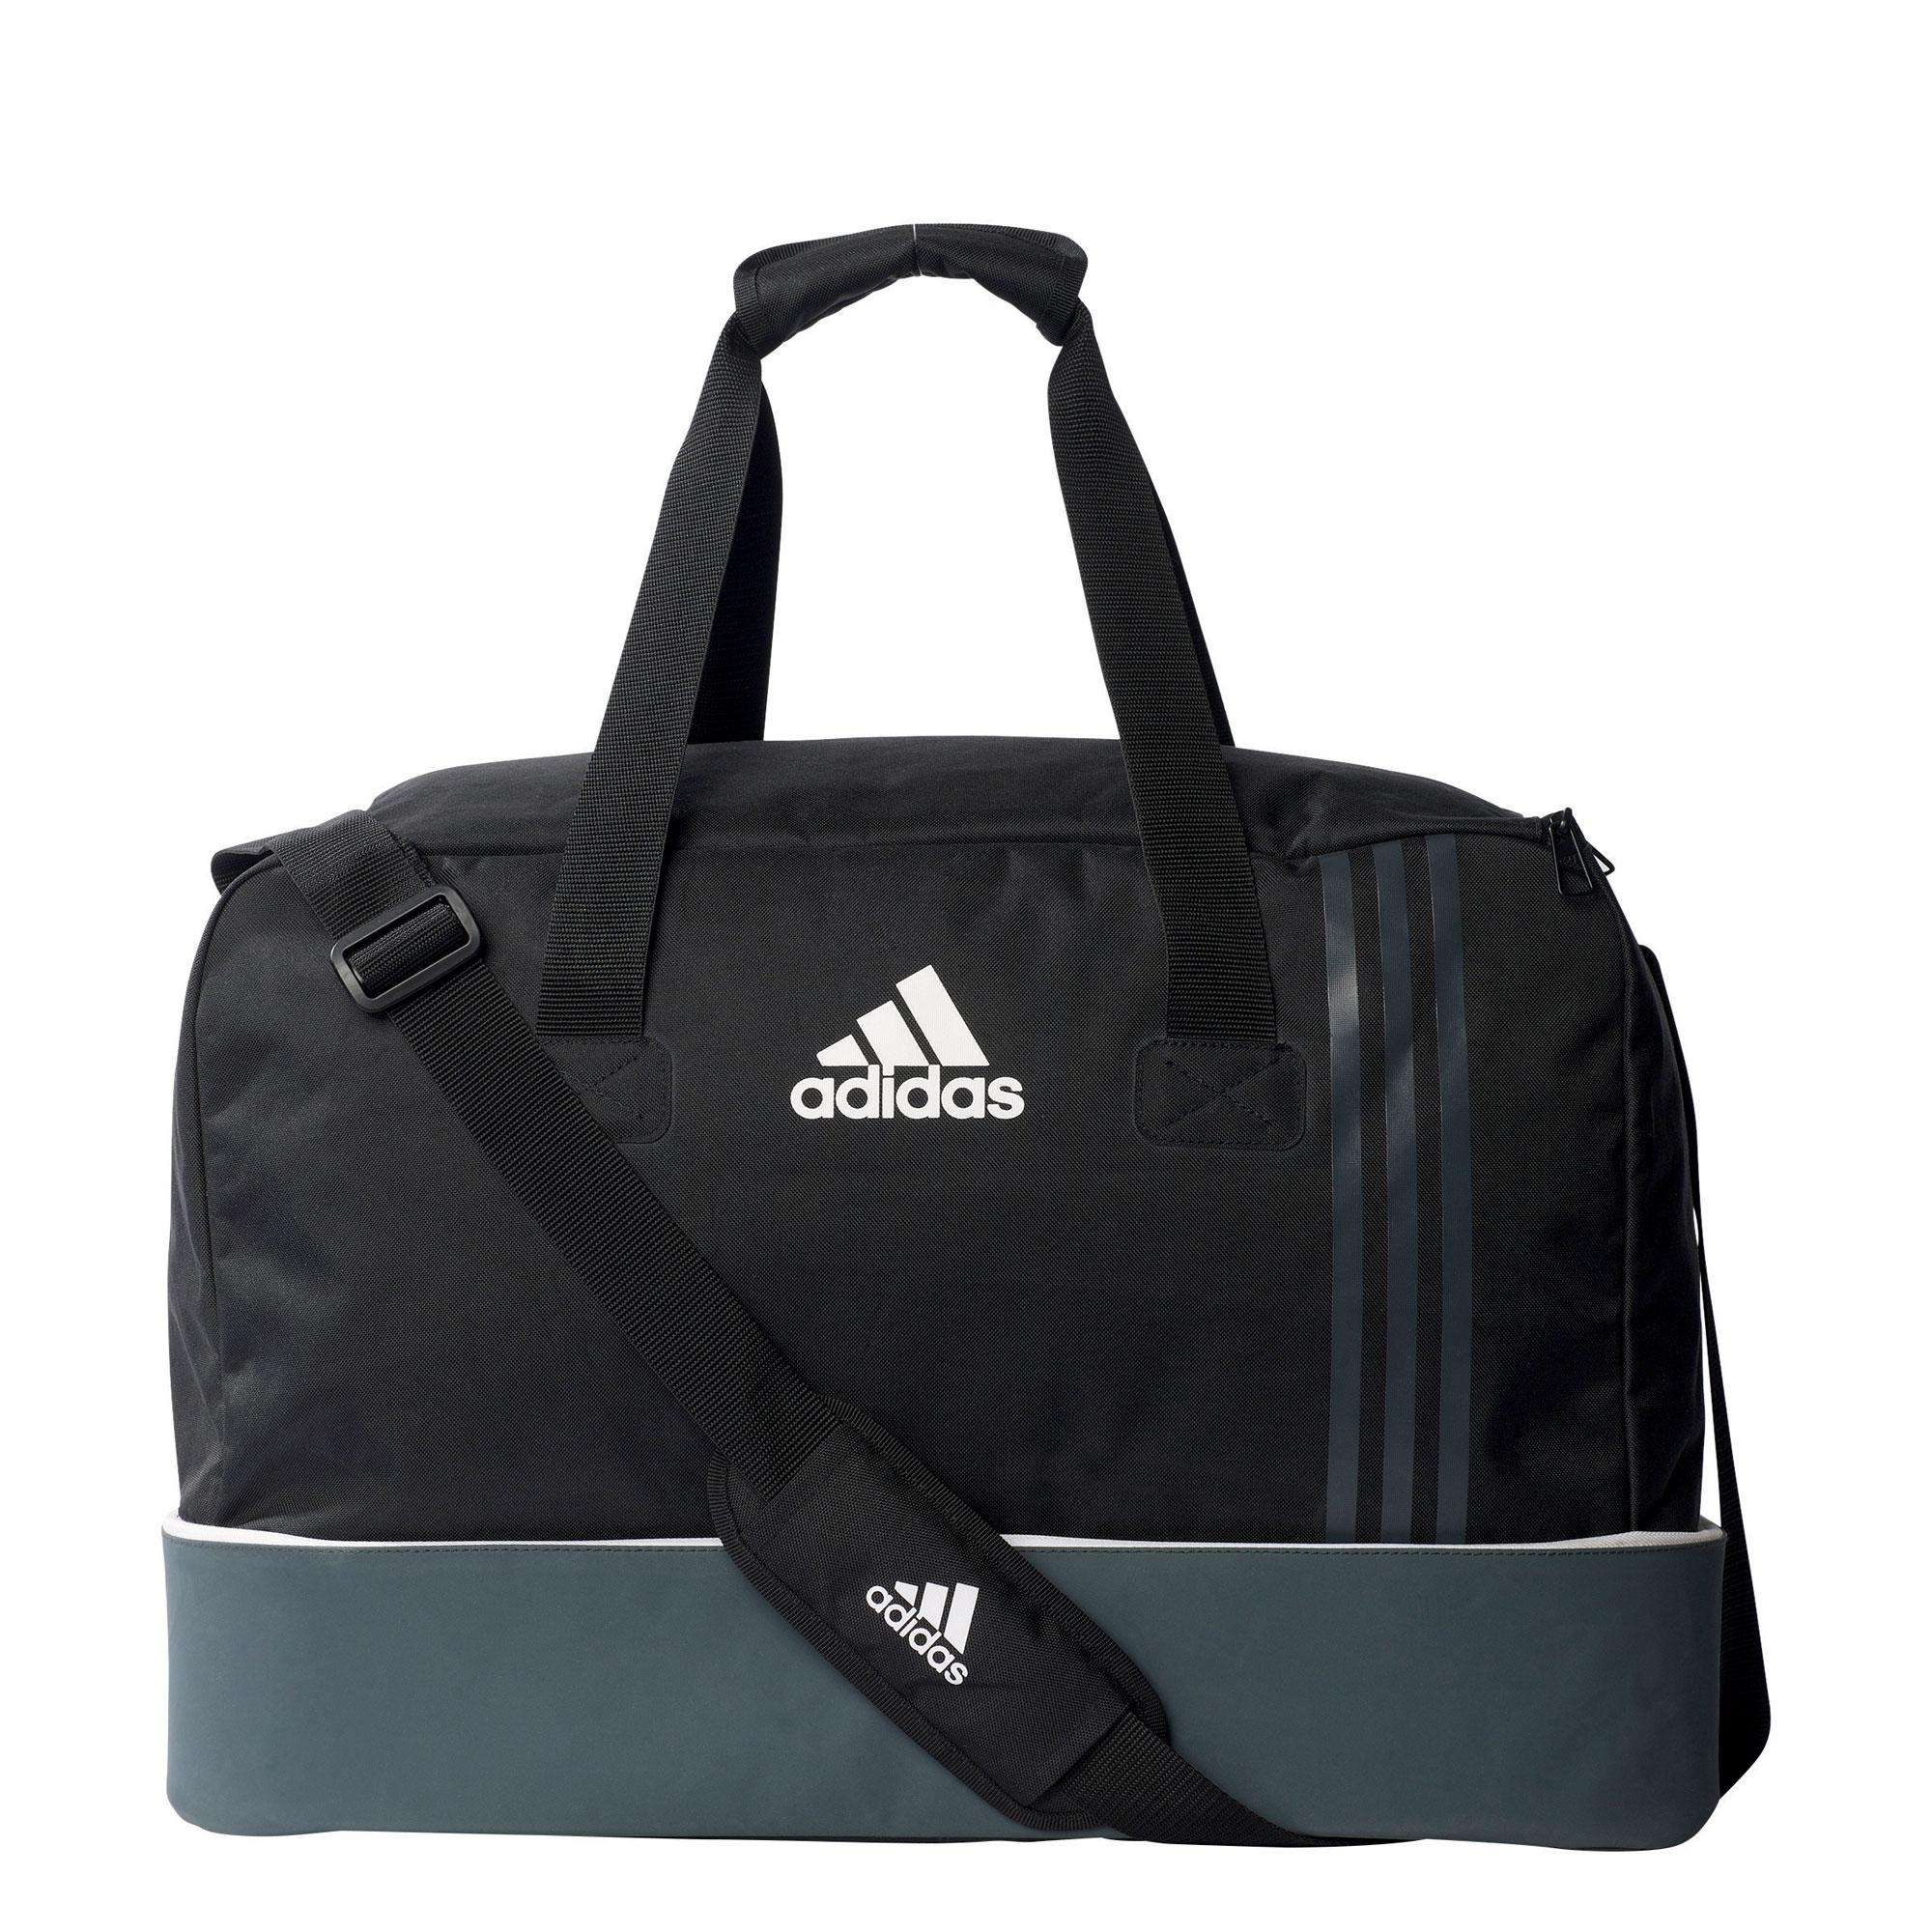 adidas Sporttasche Teambag mit Bodenfach Tiro 17 B46123 M